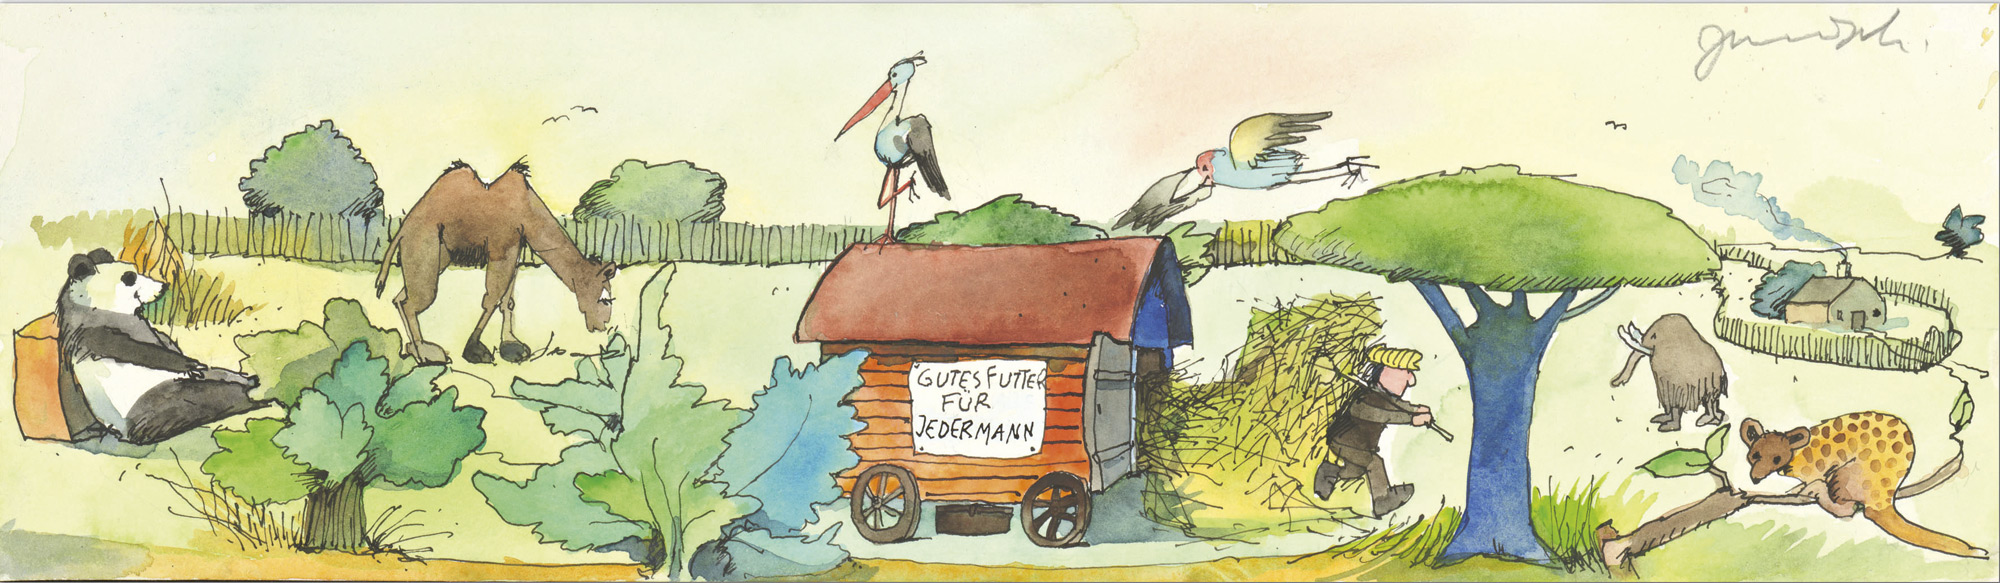 """Bild """"Gutes Futter für jedermann"""" (2000) (Unikat)"""